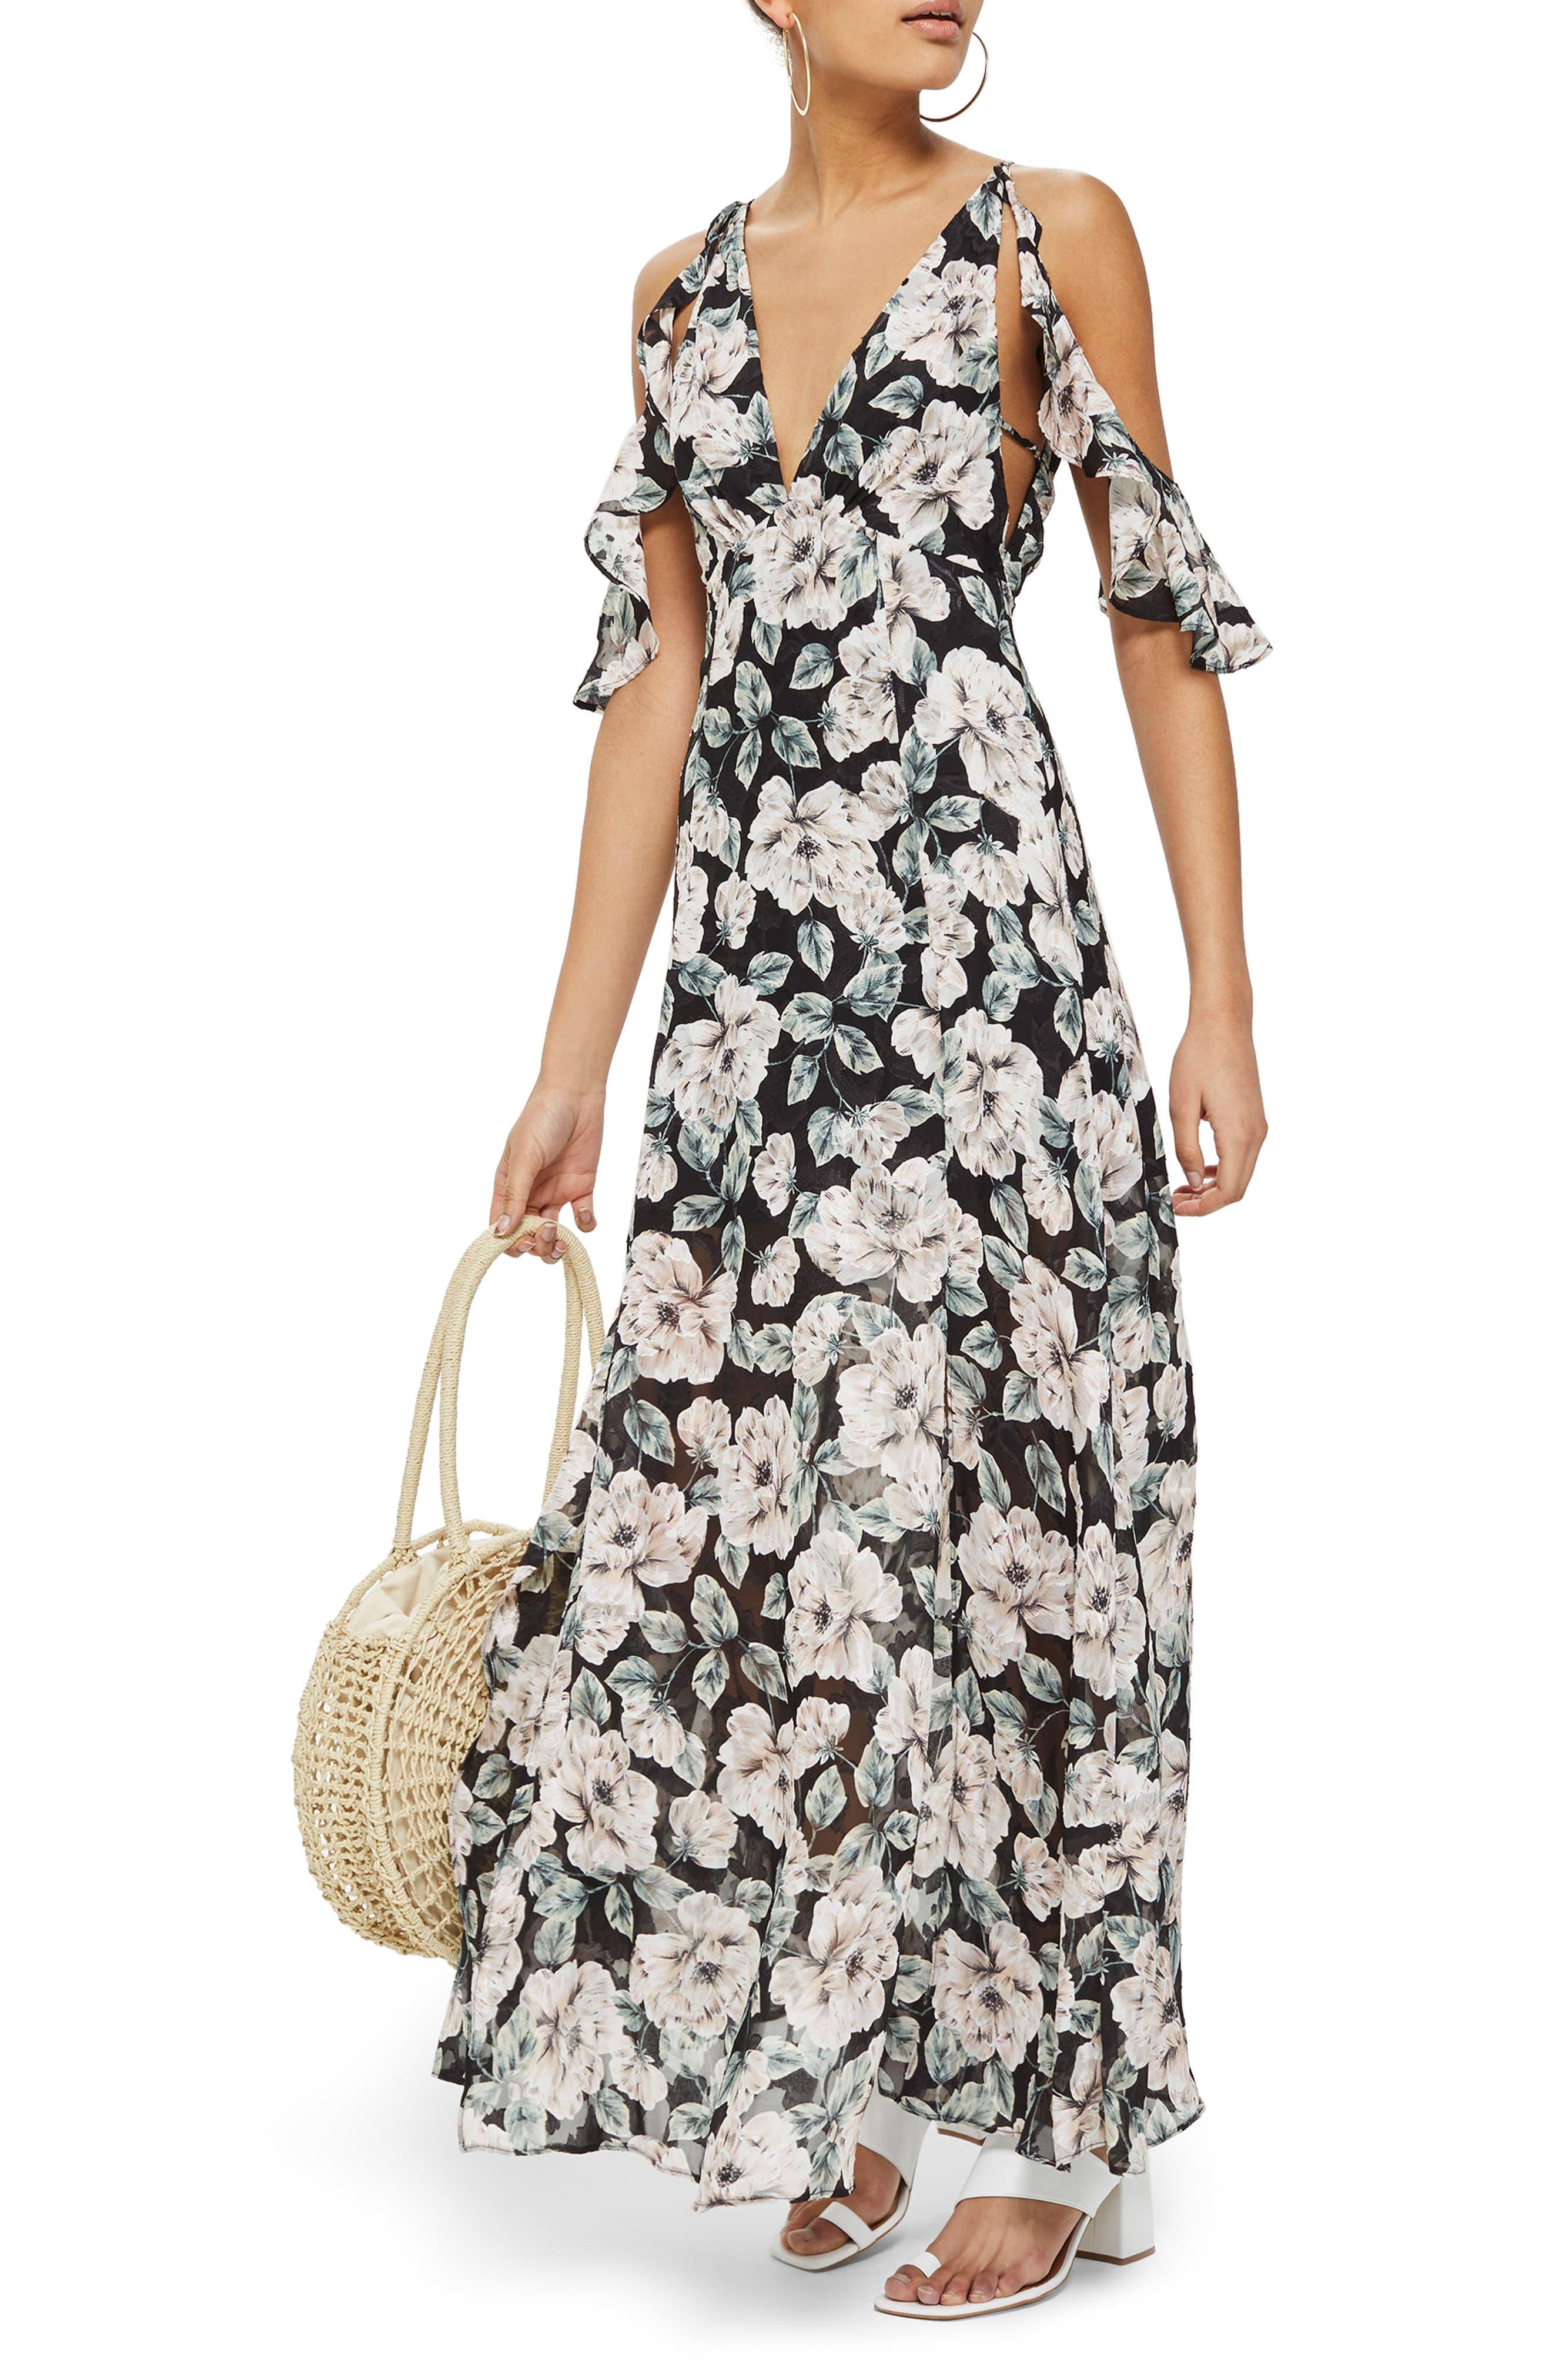 Topshop Devoré Floral Cold Shoulder Dress